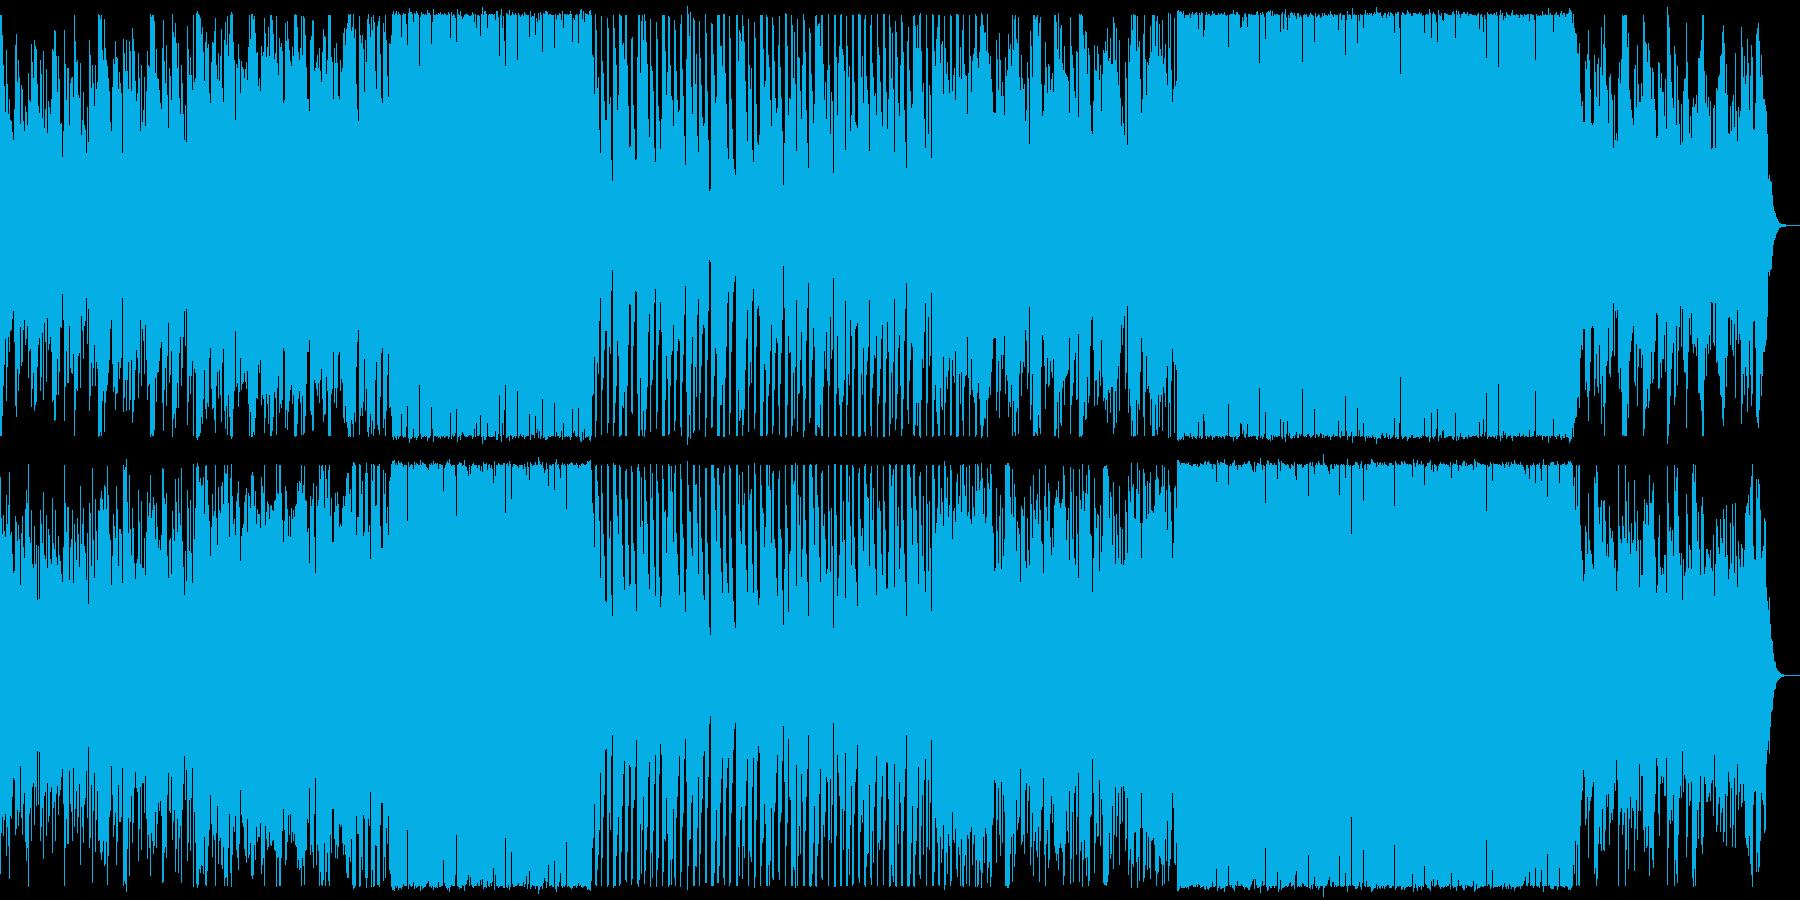 シンプルでおしゃれなイメージの楽曲の再生済みの波形